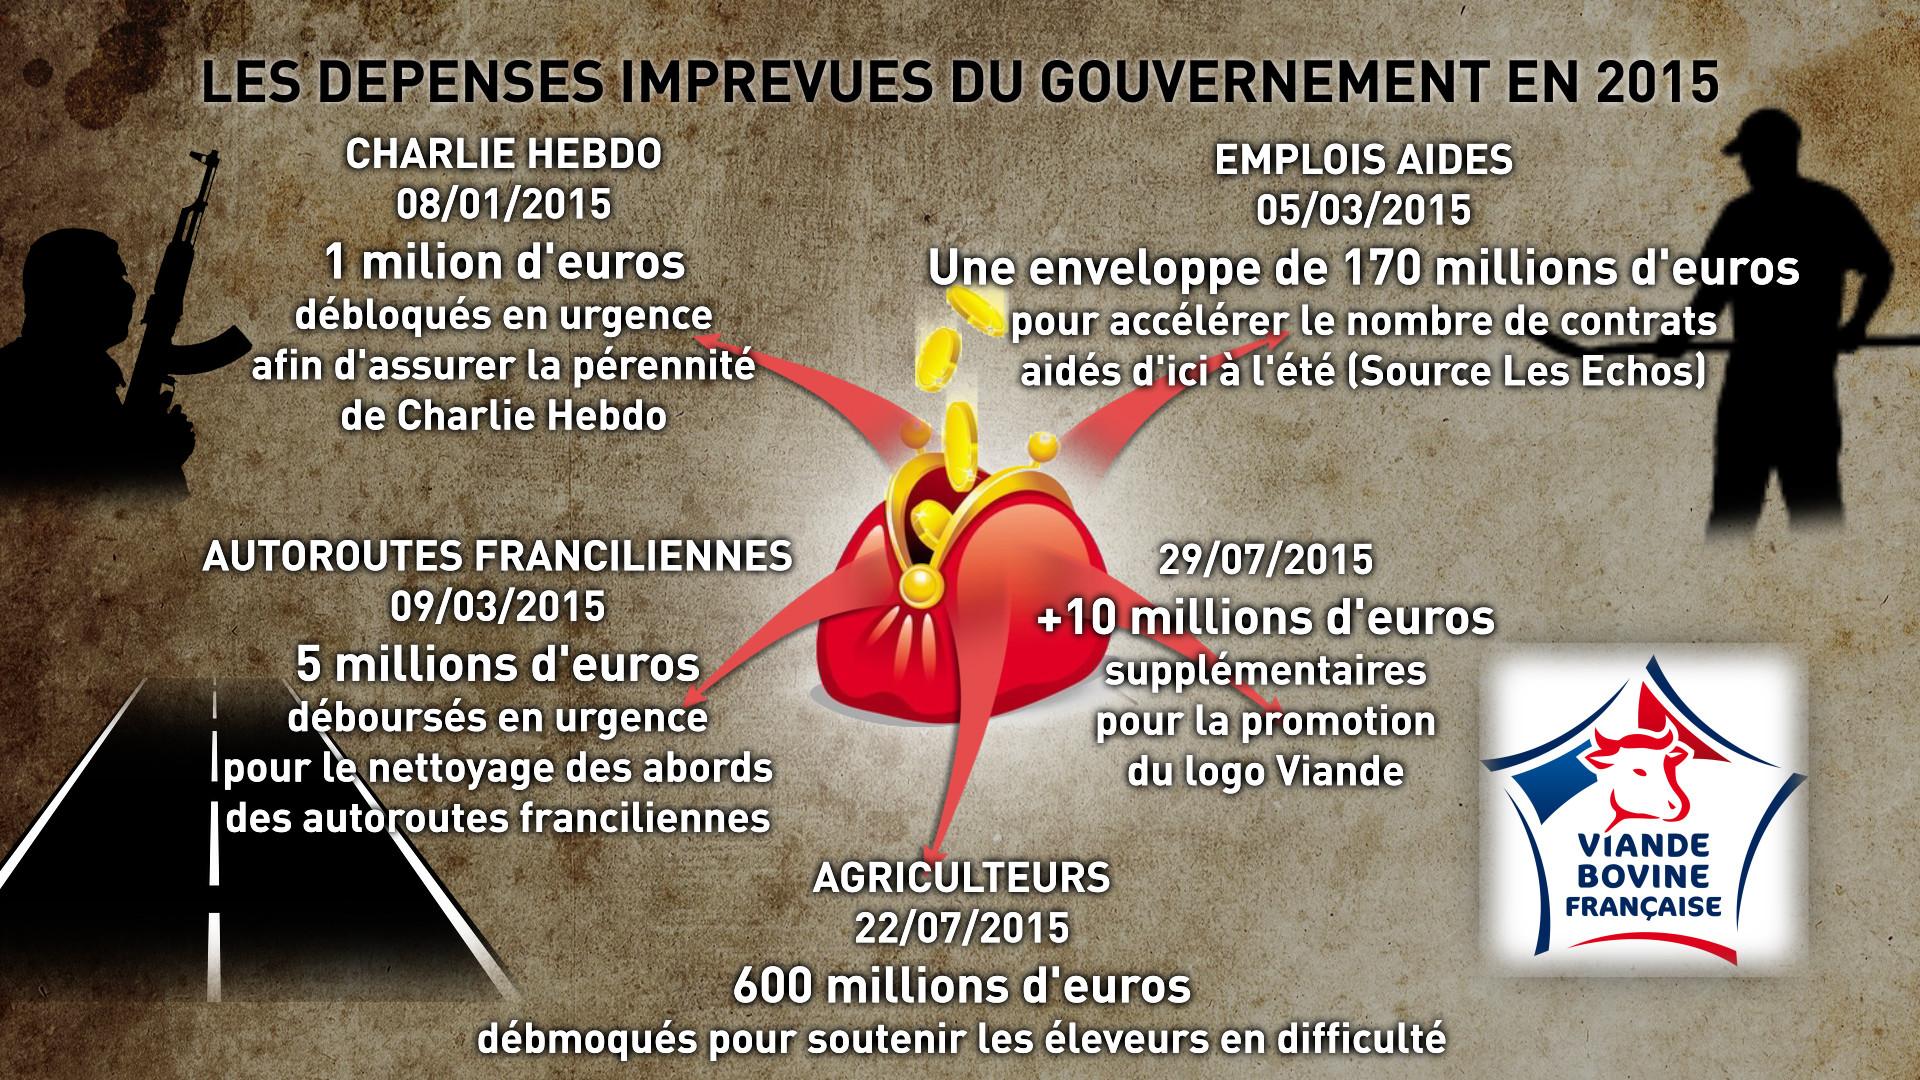 Les dépenses imprévues du gouvernement